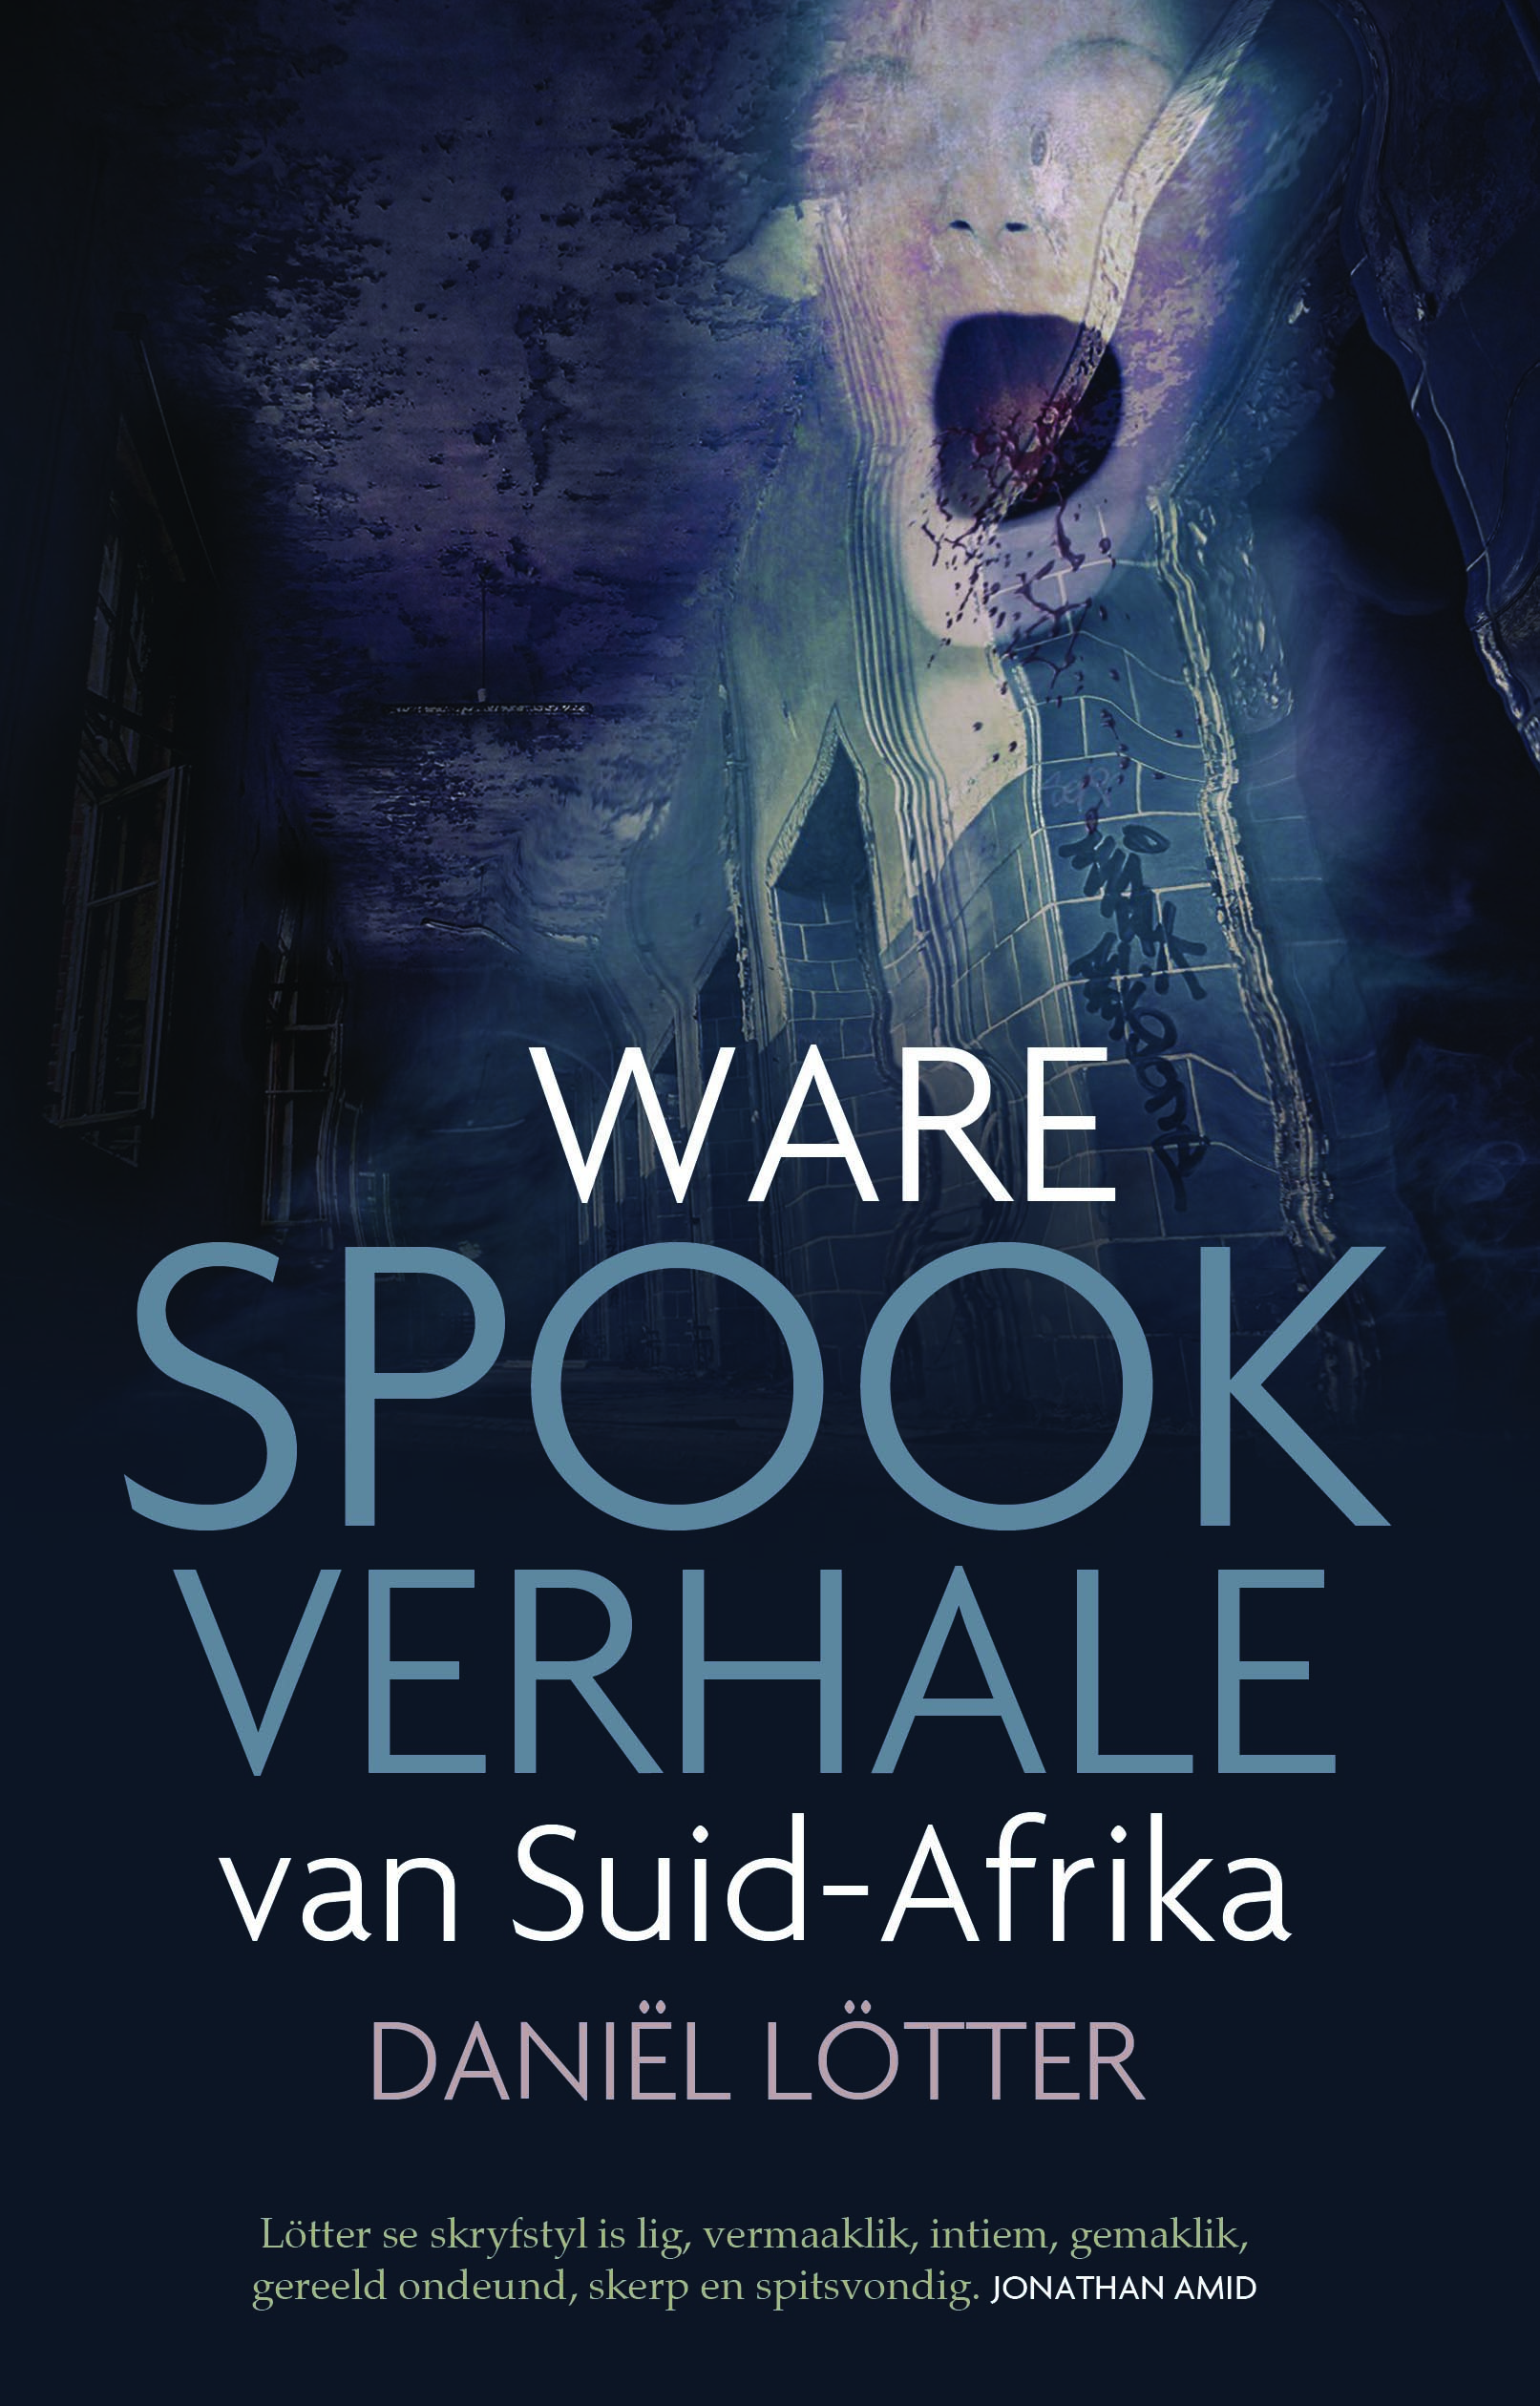 Ware Spookverhale van Suid-Afrika